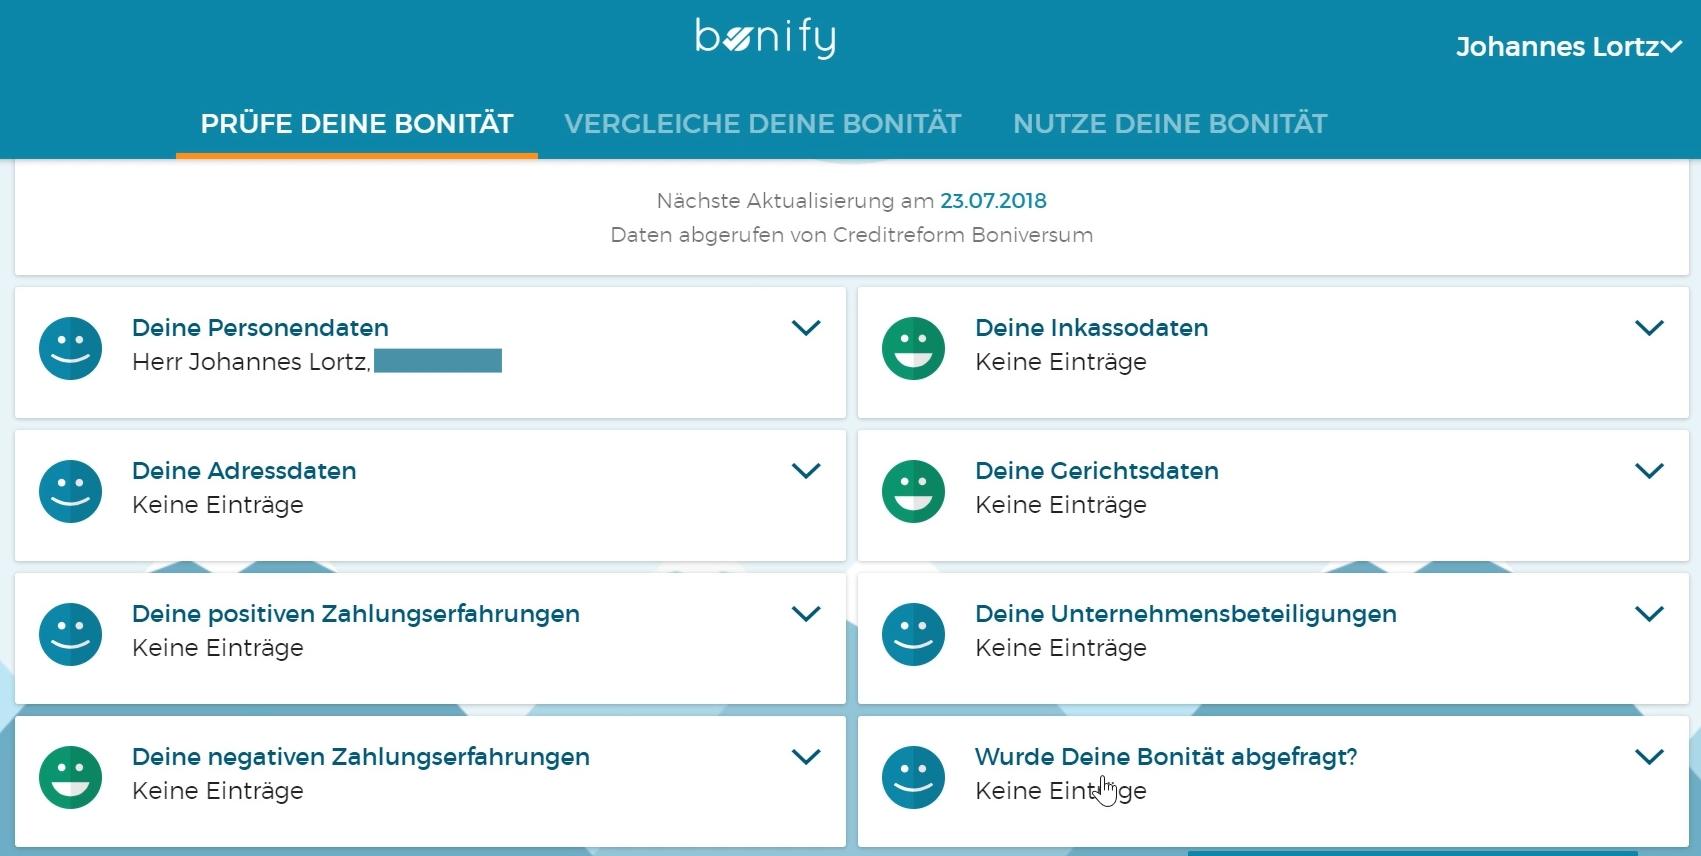 Die Bonität und Einträge lassen sich bei bonify online prüfen